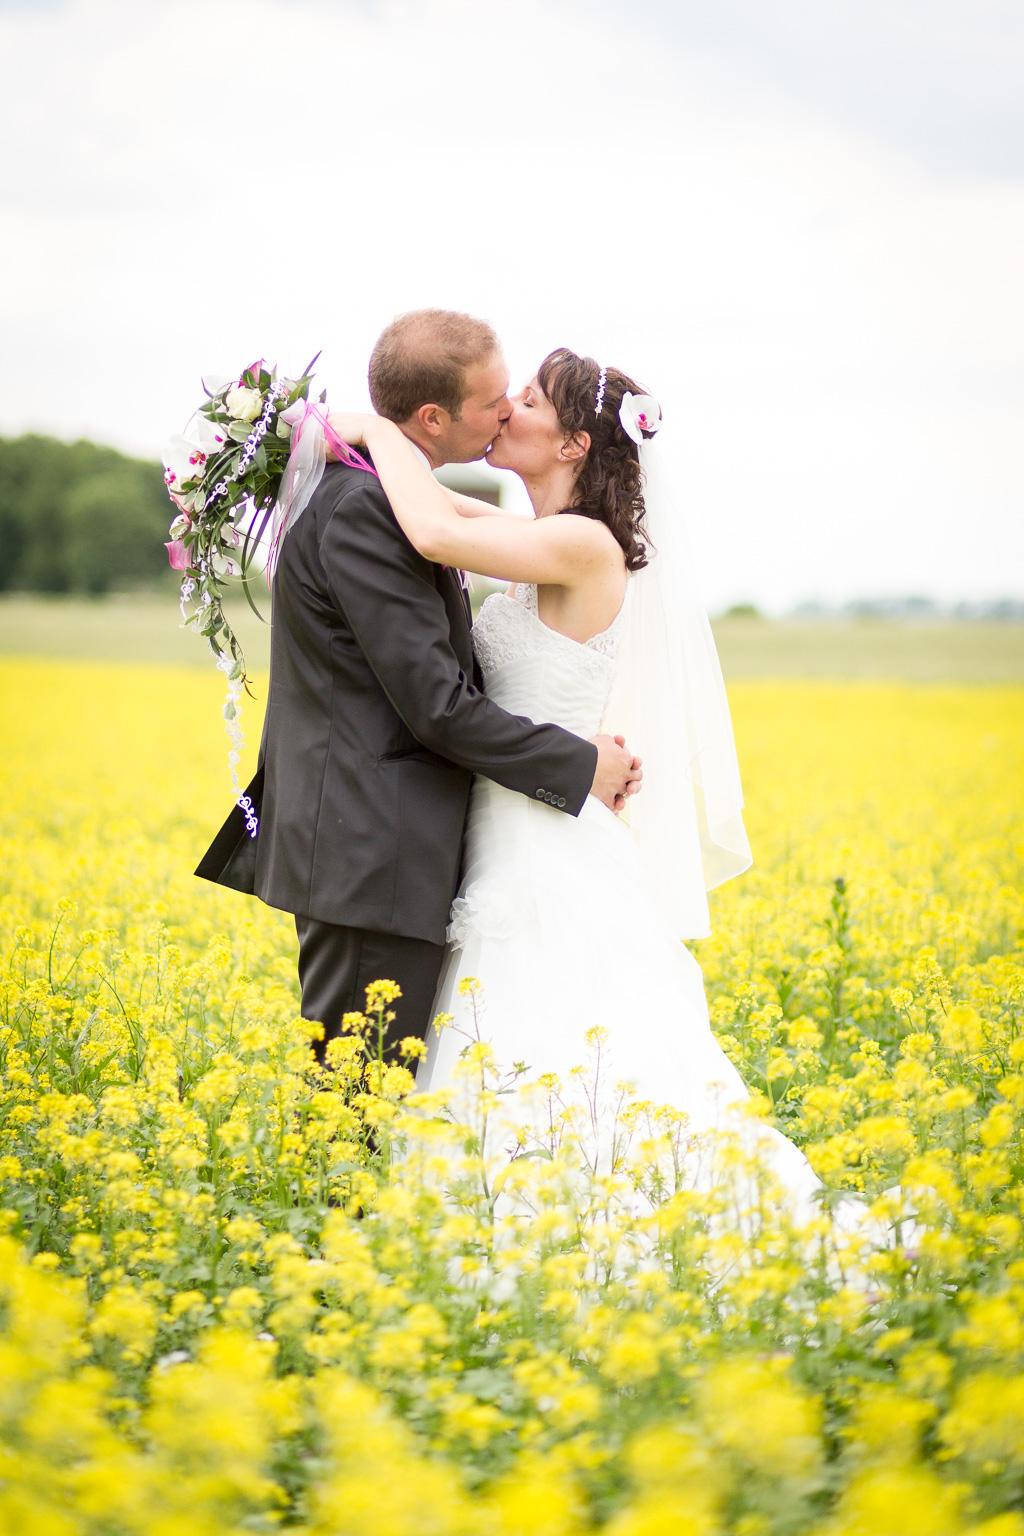 Hochzeit_Monika_Harald_042.jpg